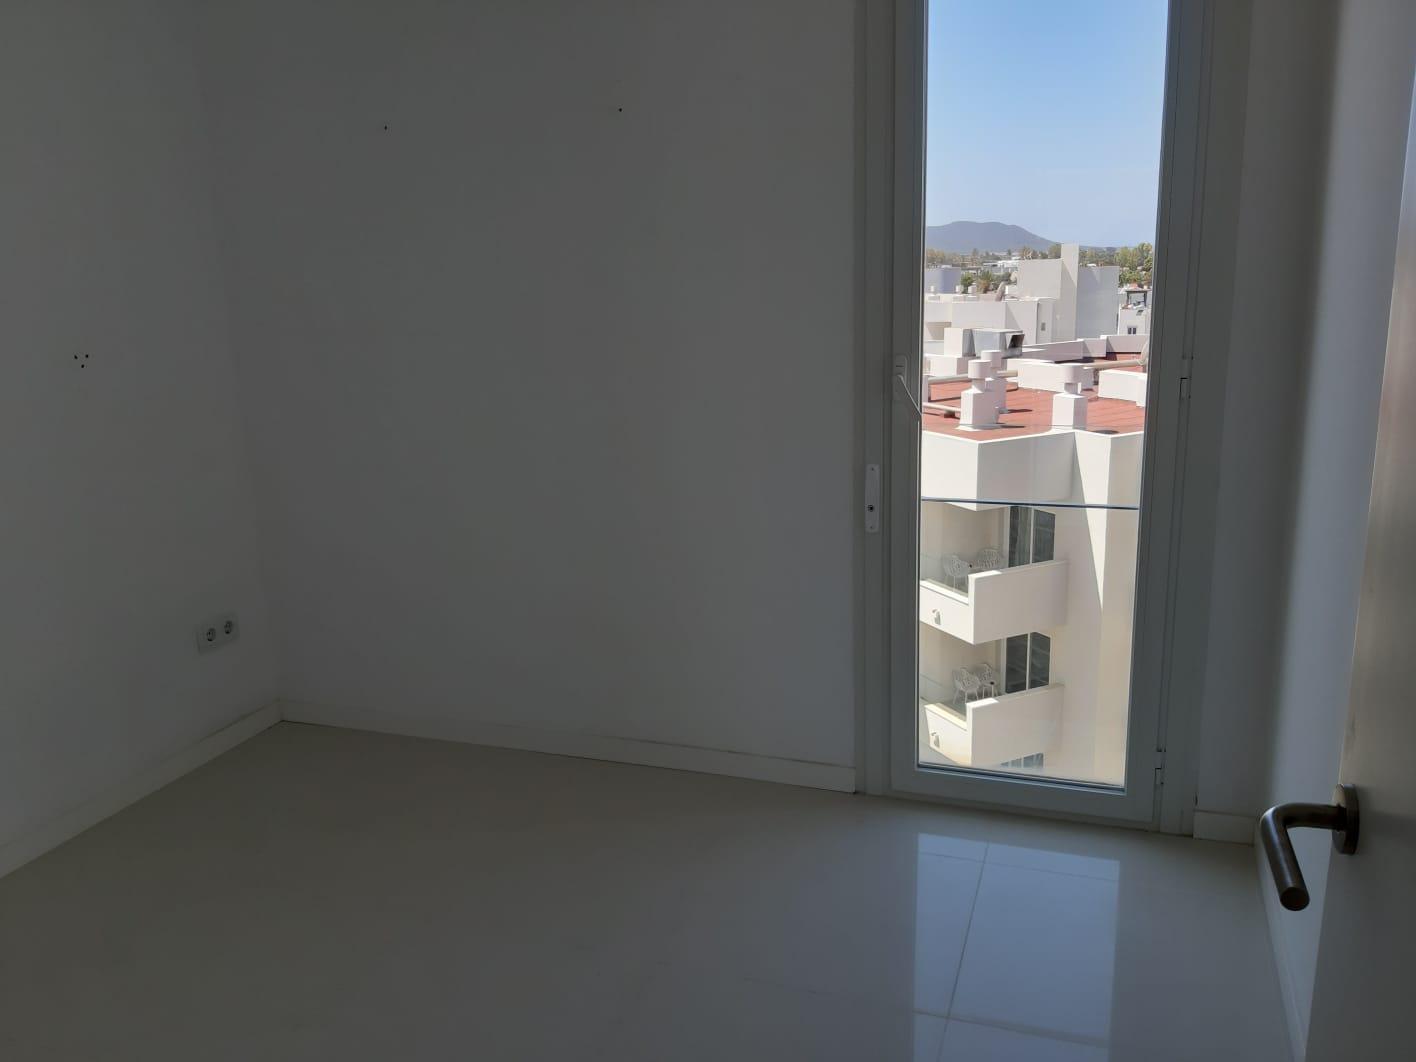 Belle chambre lumineuse de 2 chambres à coucher dans la résidence en bord de mer à Playa d'en Bossa